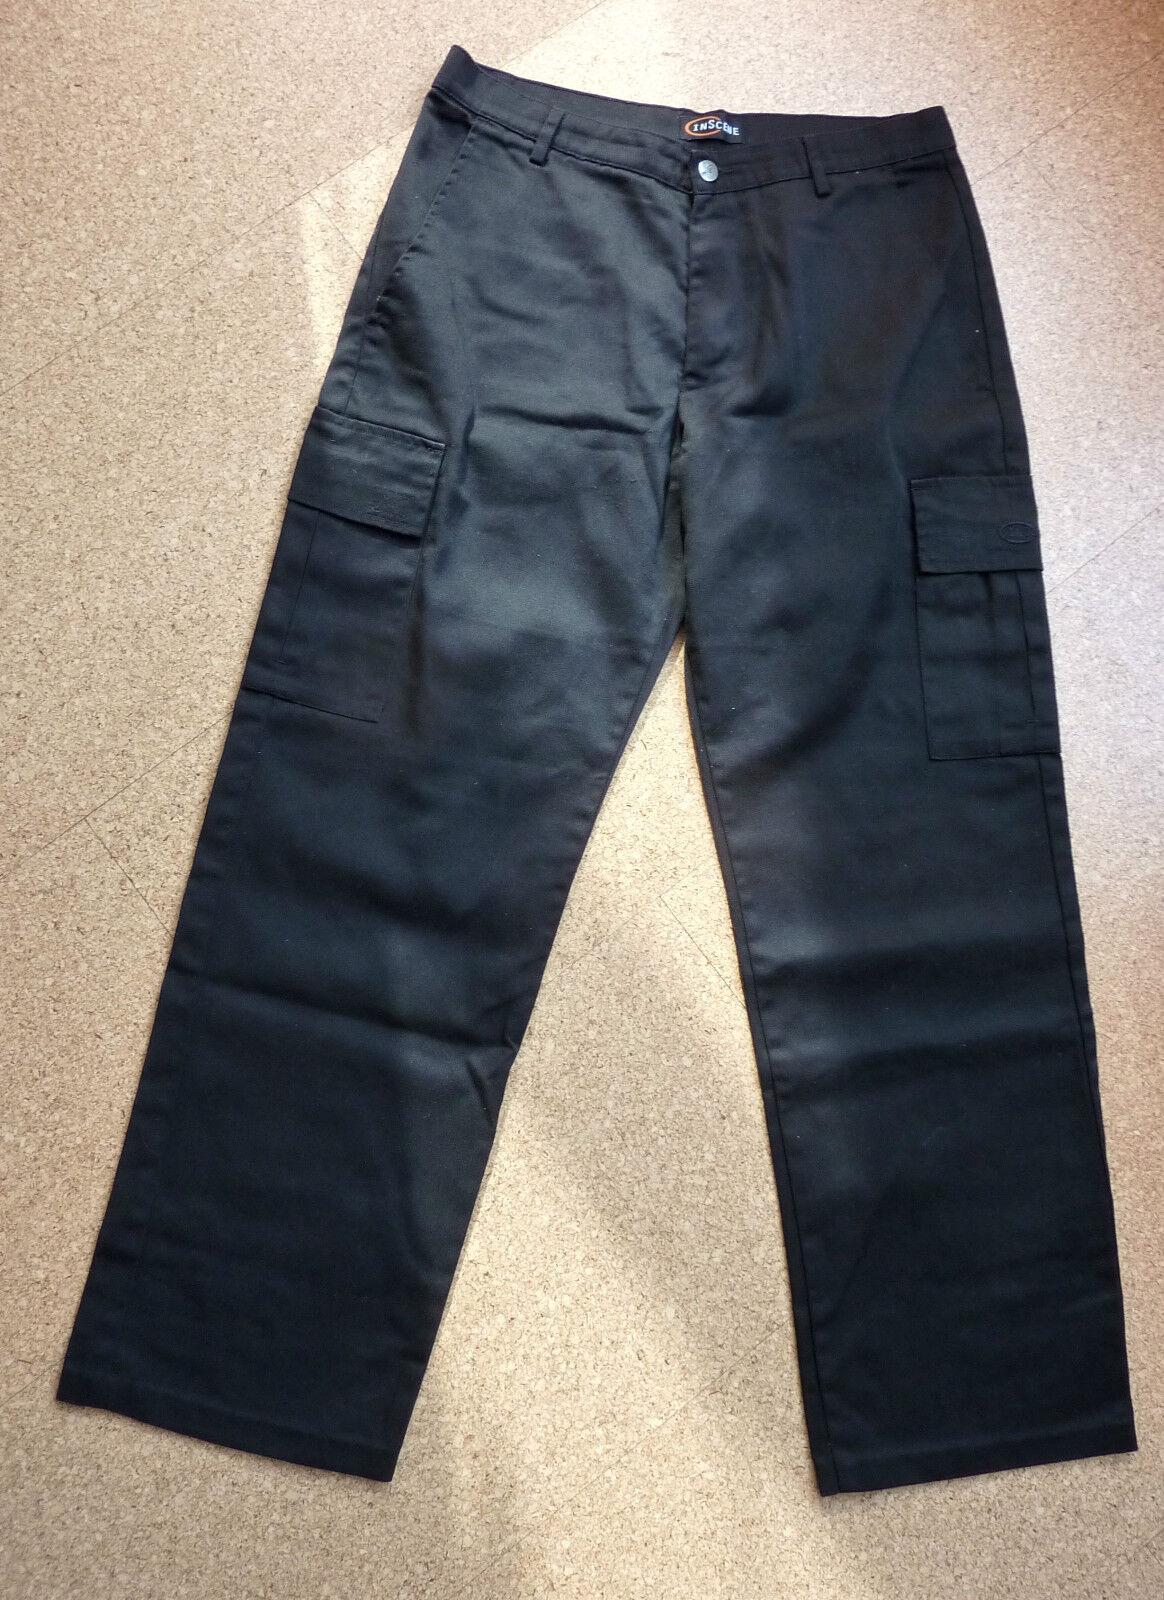 Jeans   Hose  Inscene  schwarz  Größe 34 34  neuwertig  | Erste Qualität